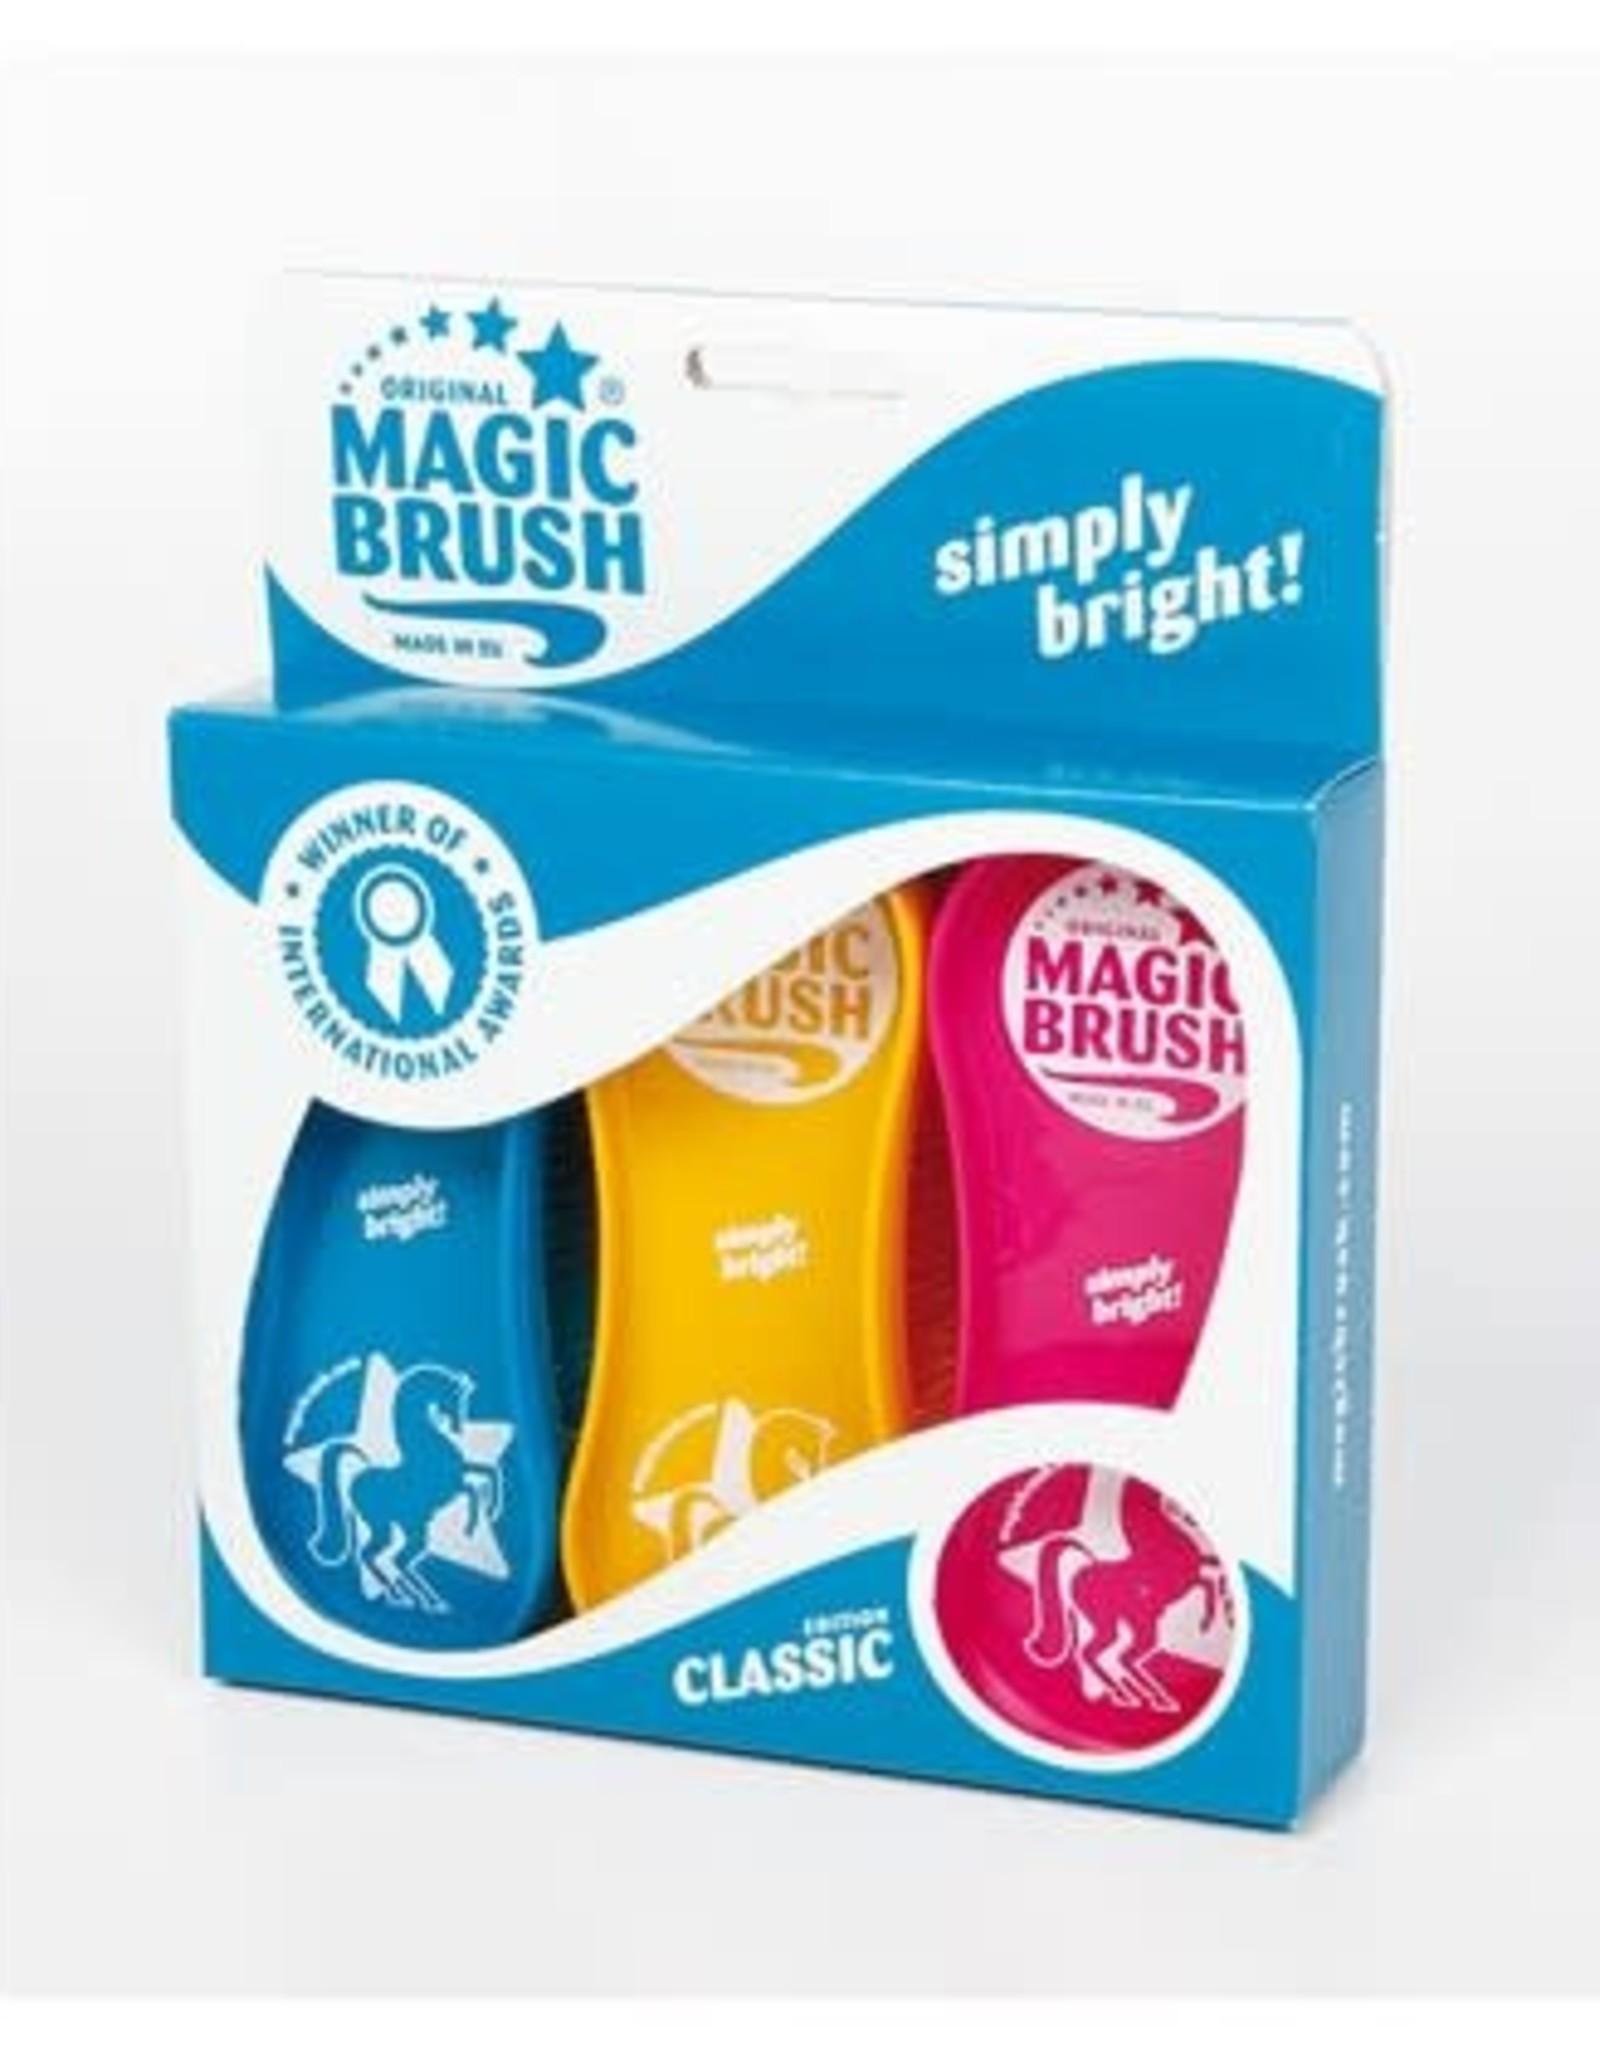 Harry's Horse HH Magic Brush Classic